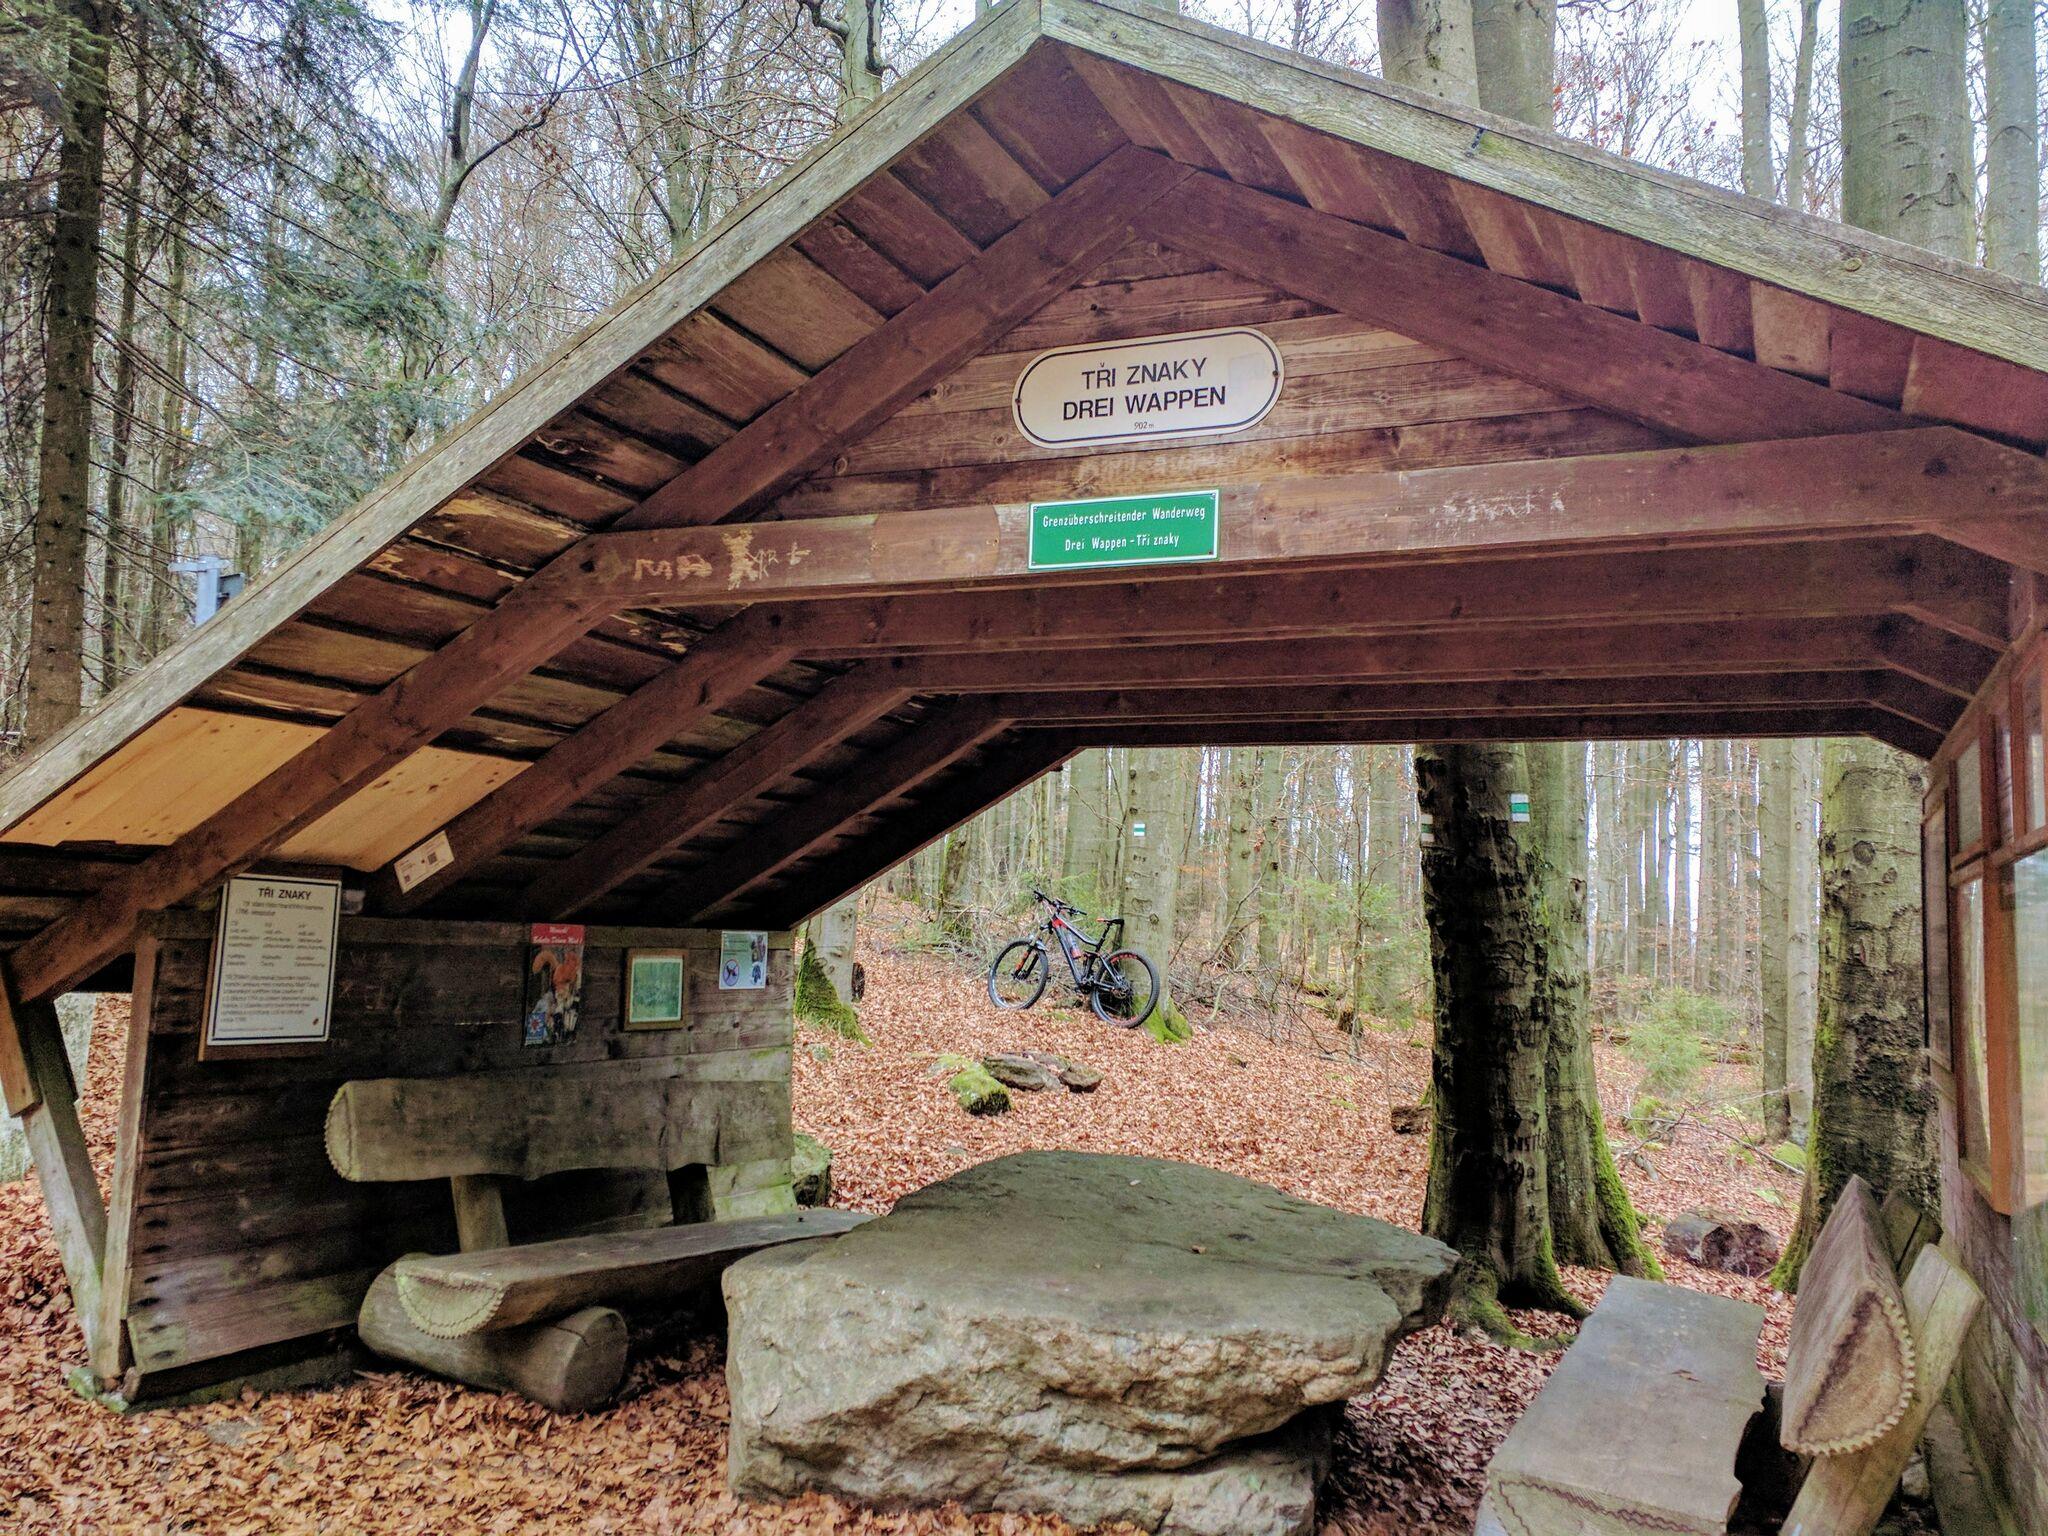 Hütte am Dreiwappenfelsen